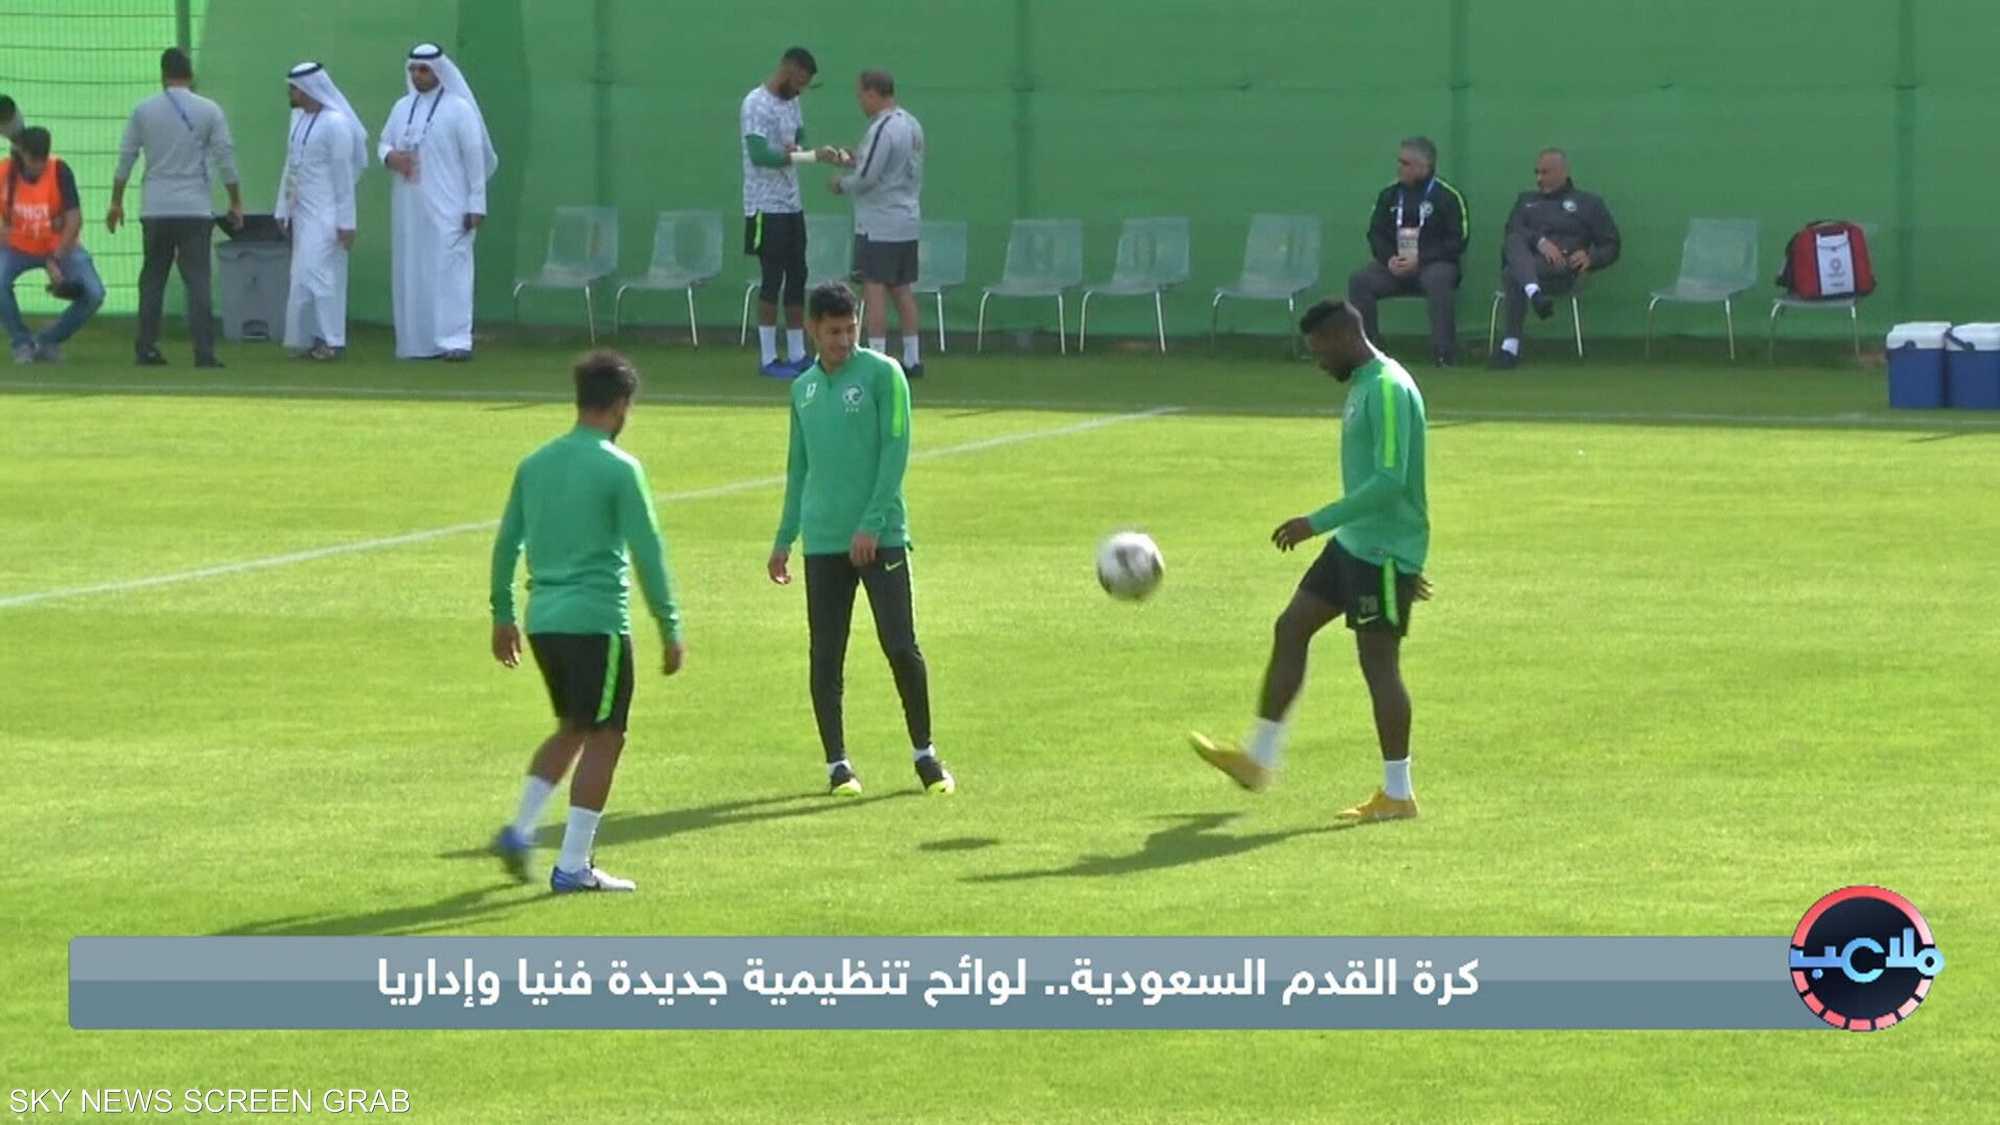 كرة القدم السعودية.. لوائح تنظيمية جديدة فنيا وإداريا